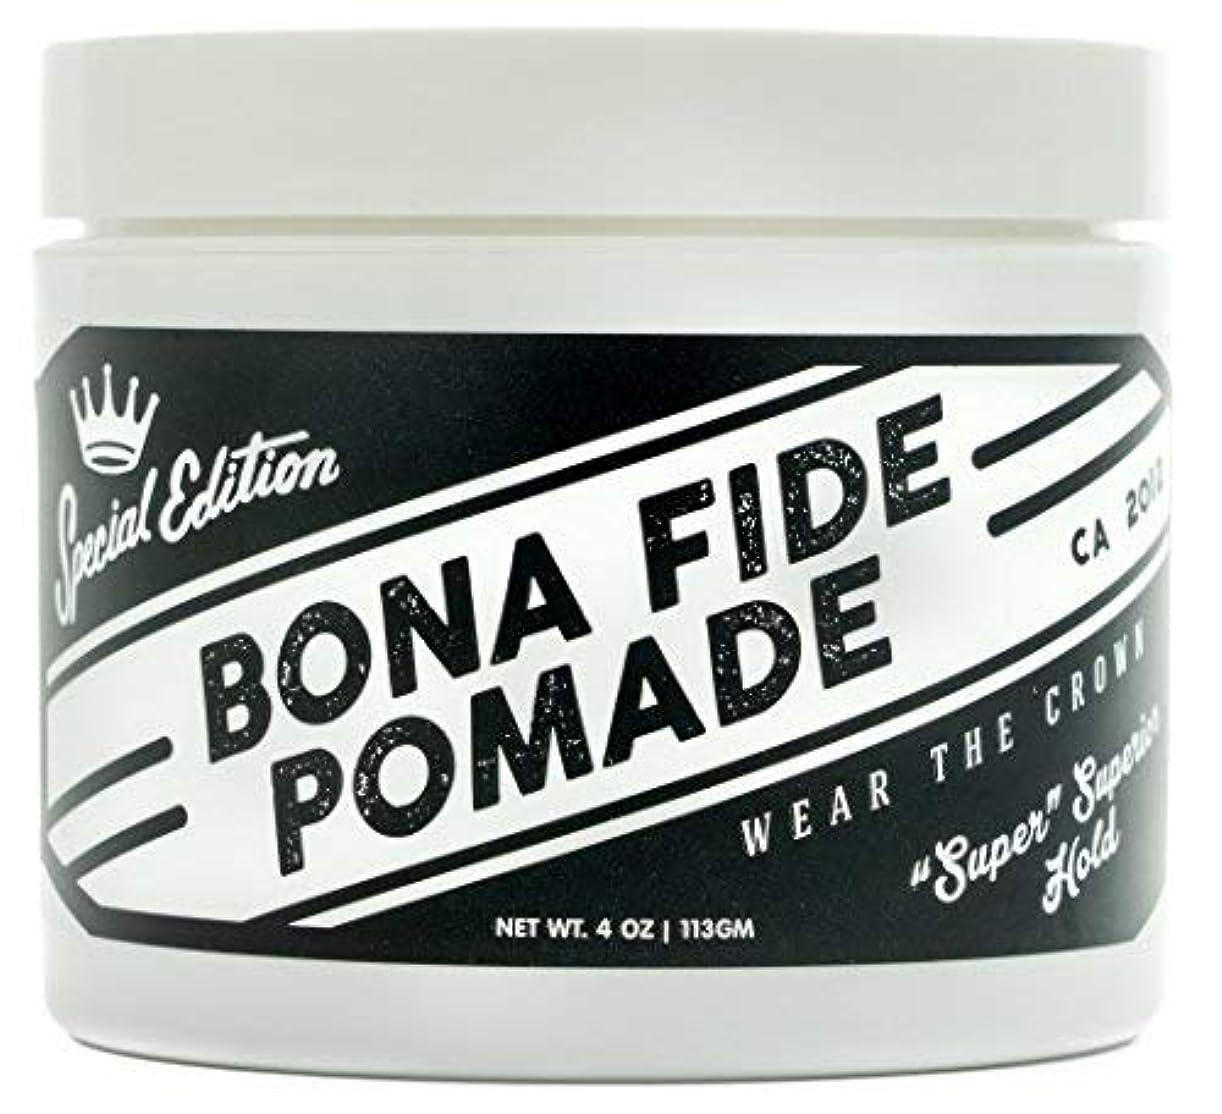 ソケット仲間、同僚時系列Bona Fide Pomade, スーパースーペリアホールドSE, 4OZ (113g)、水性ポマード/ヘアー グリース (整髪料)